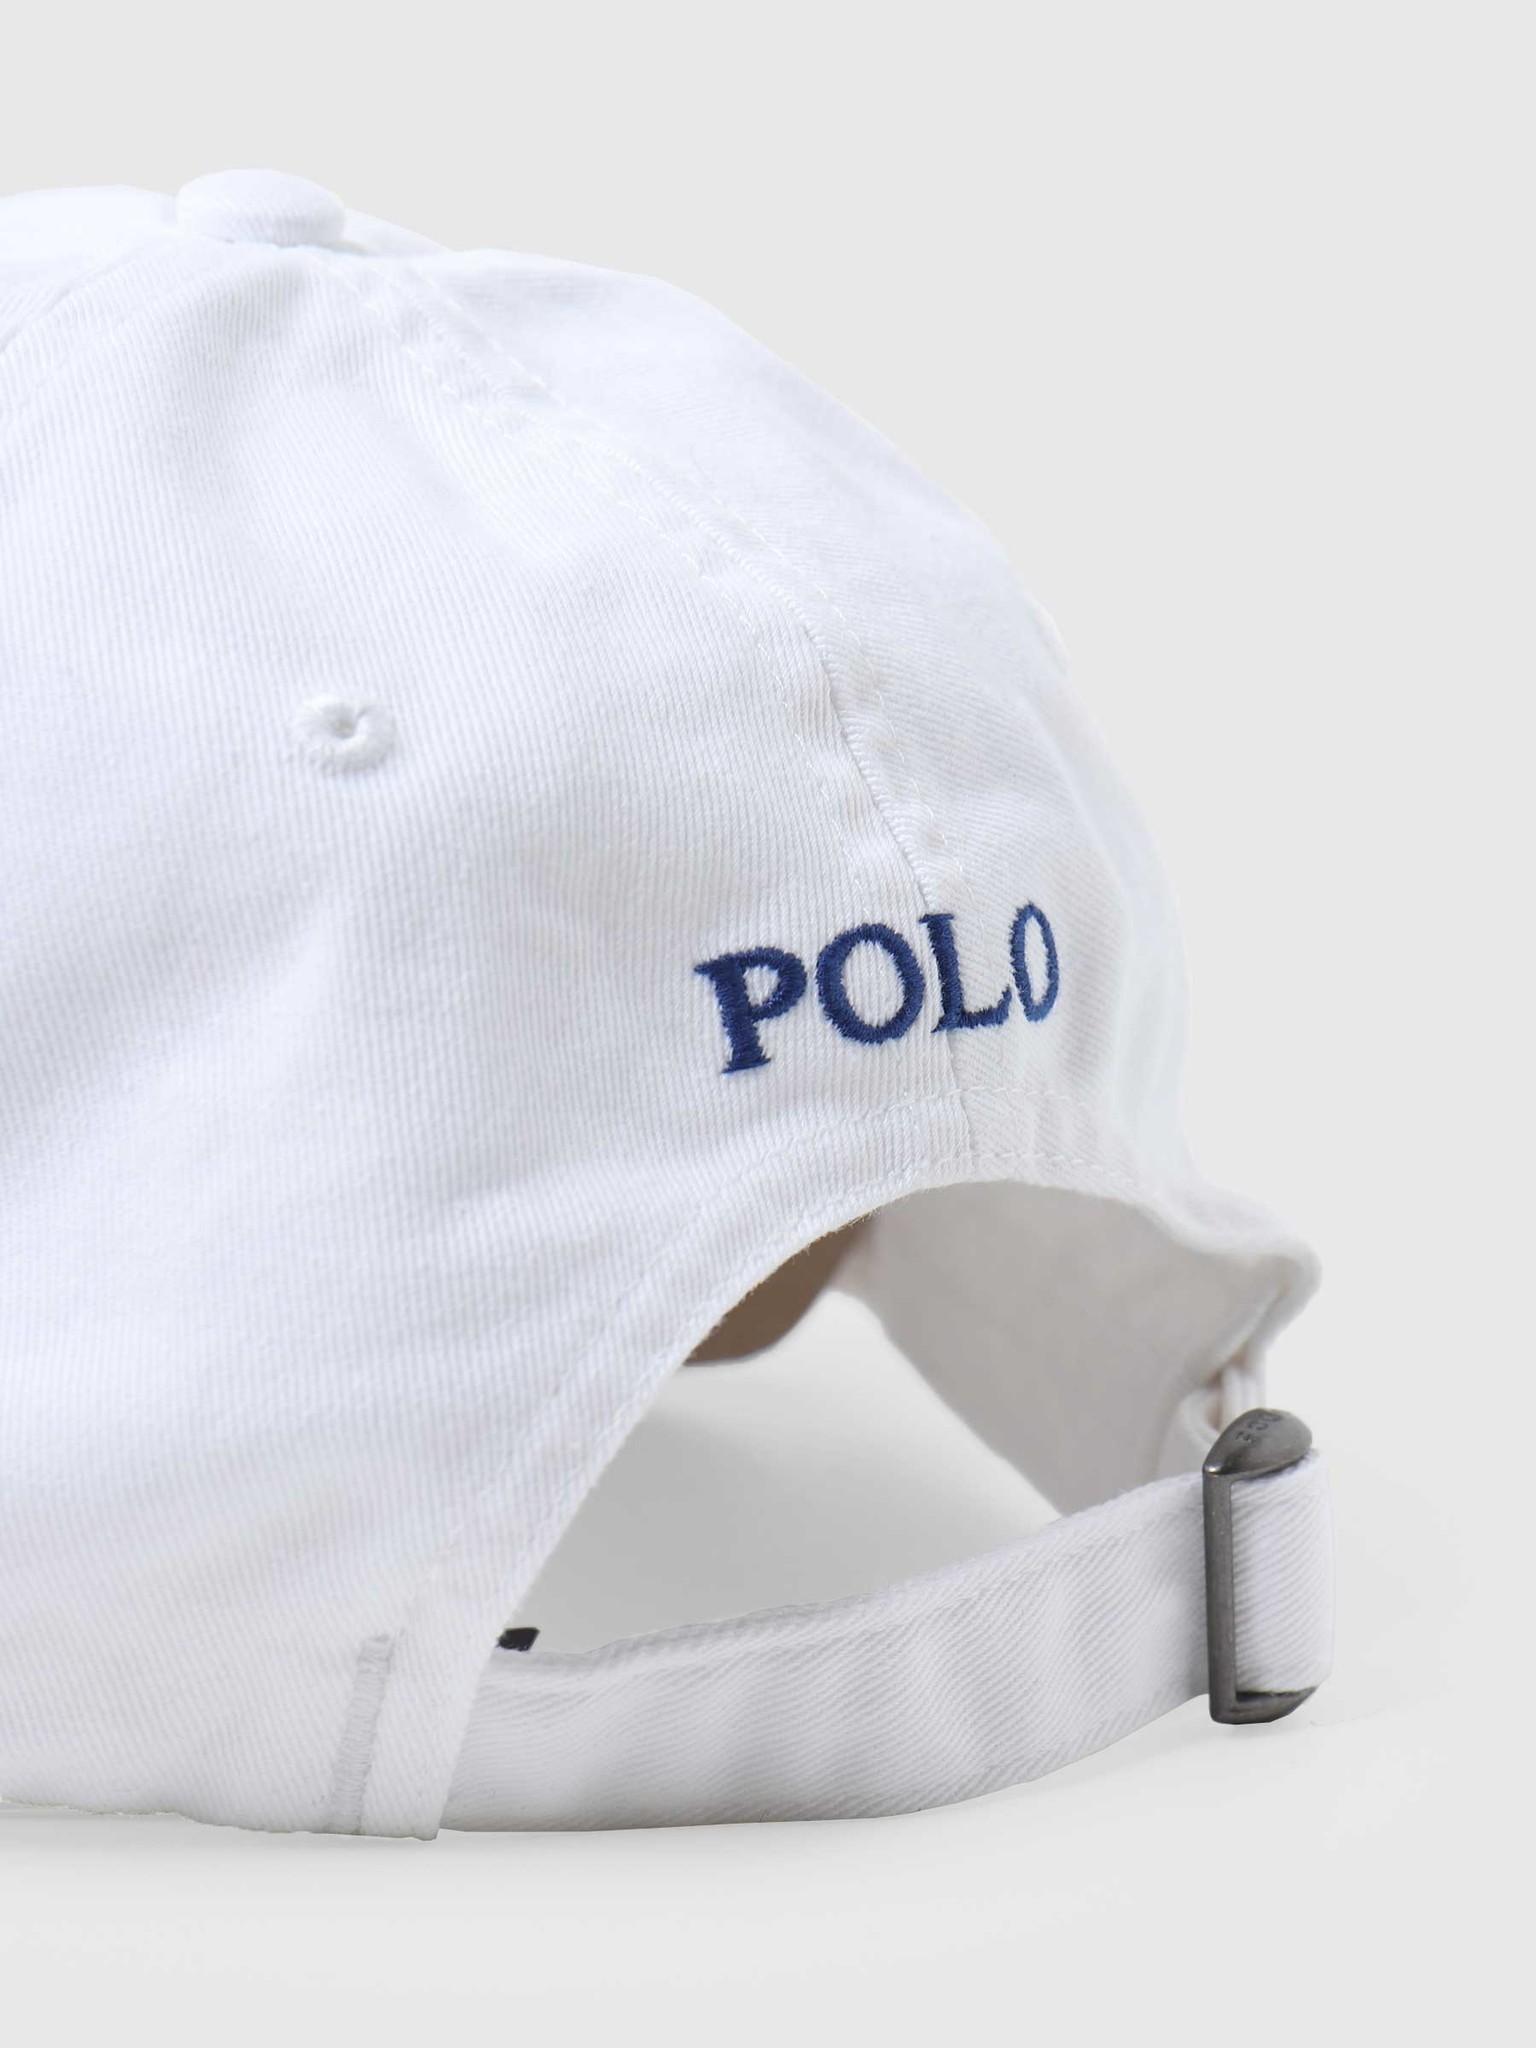 Polo Ralph Lauren Ralph Lauren Sport Cap Hat White Marlin Blue 710548524001